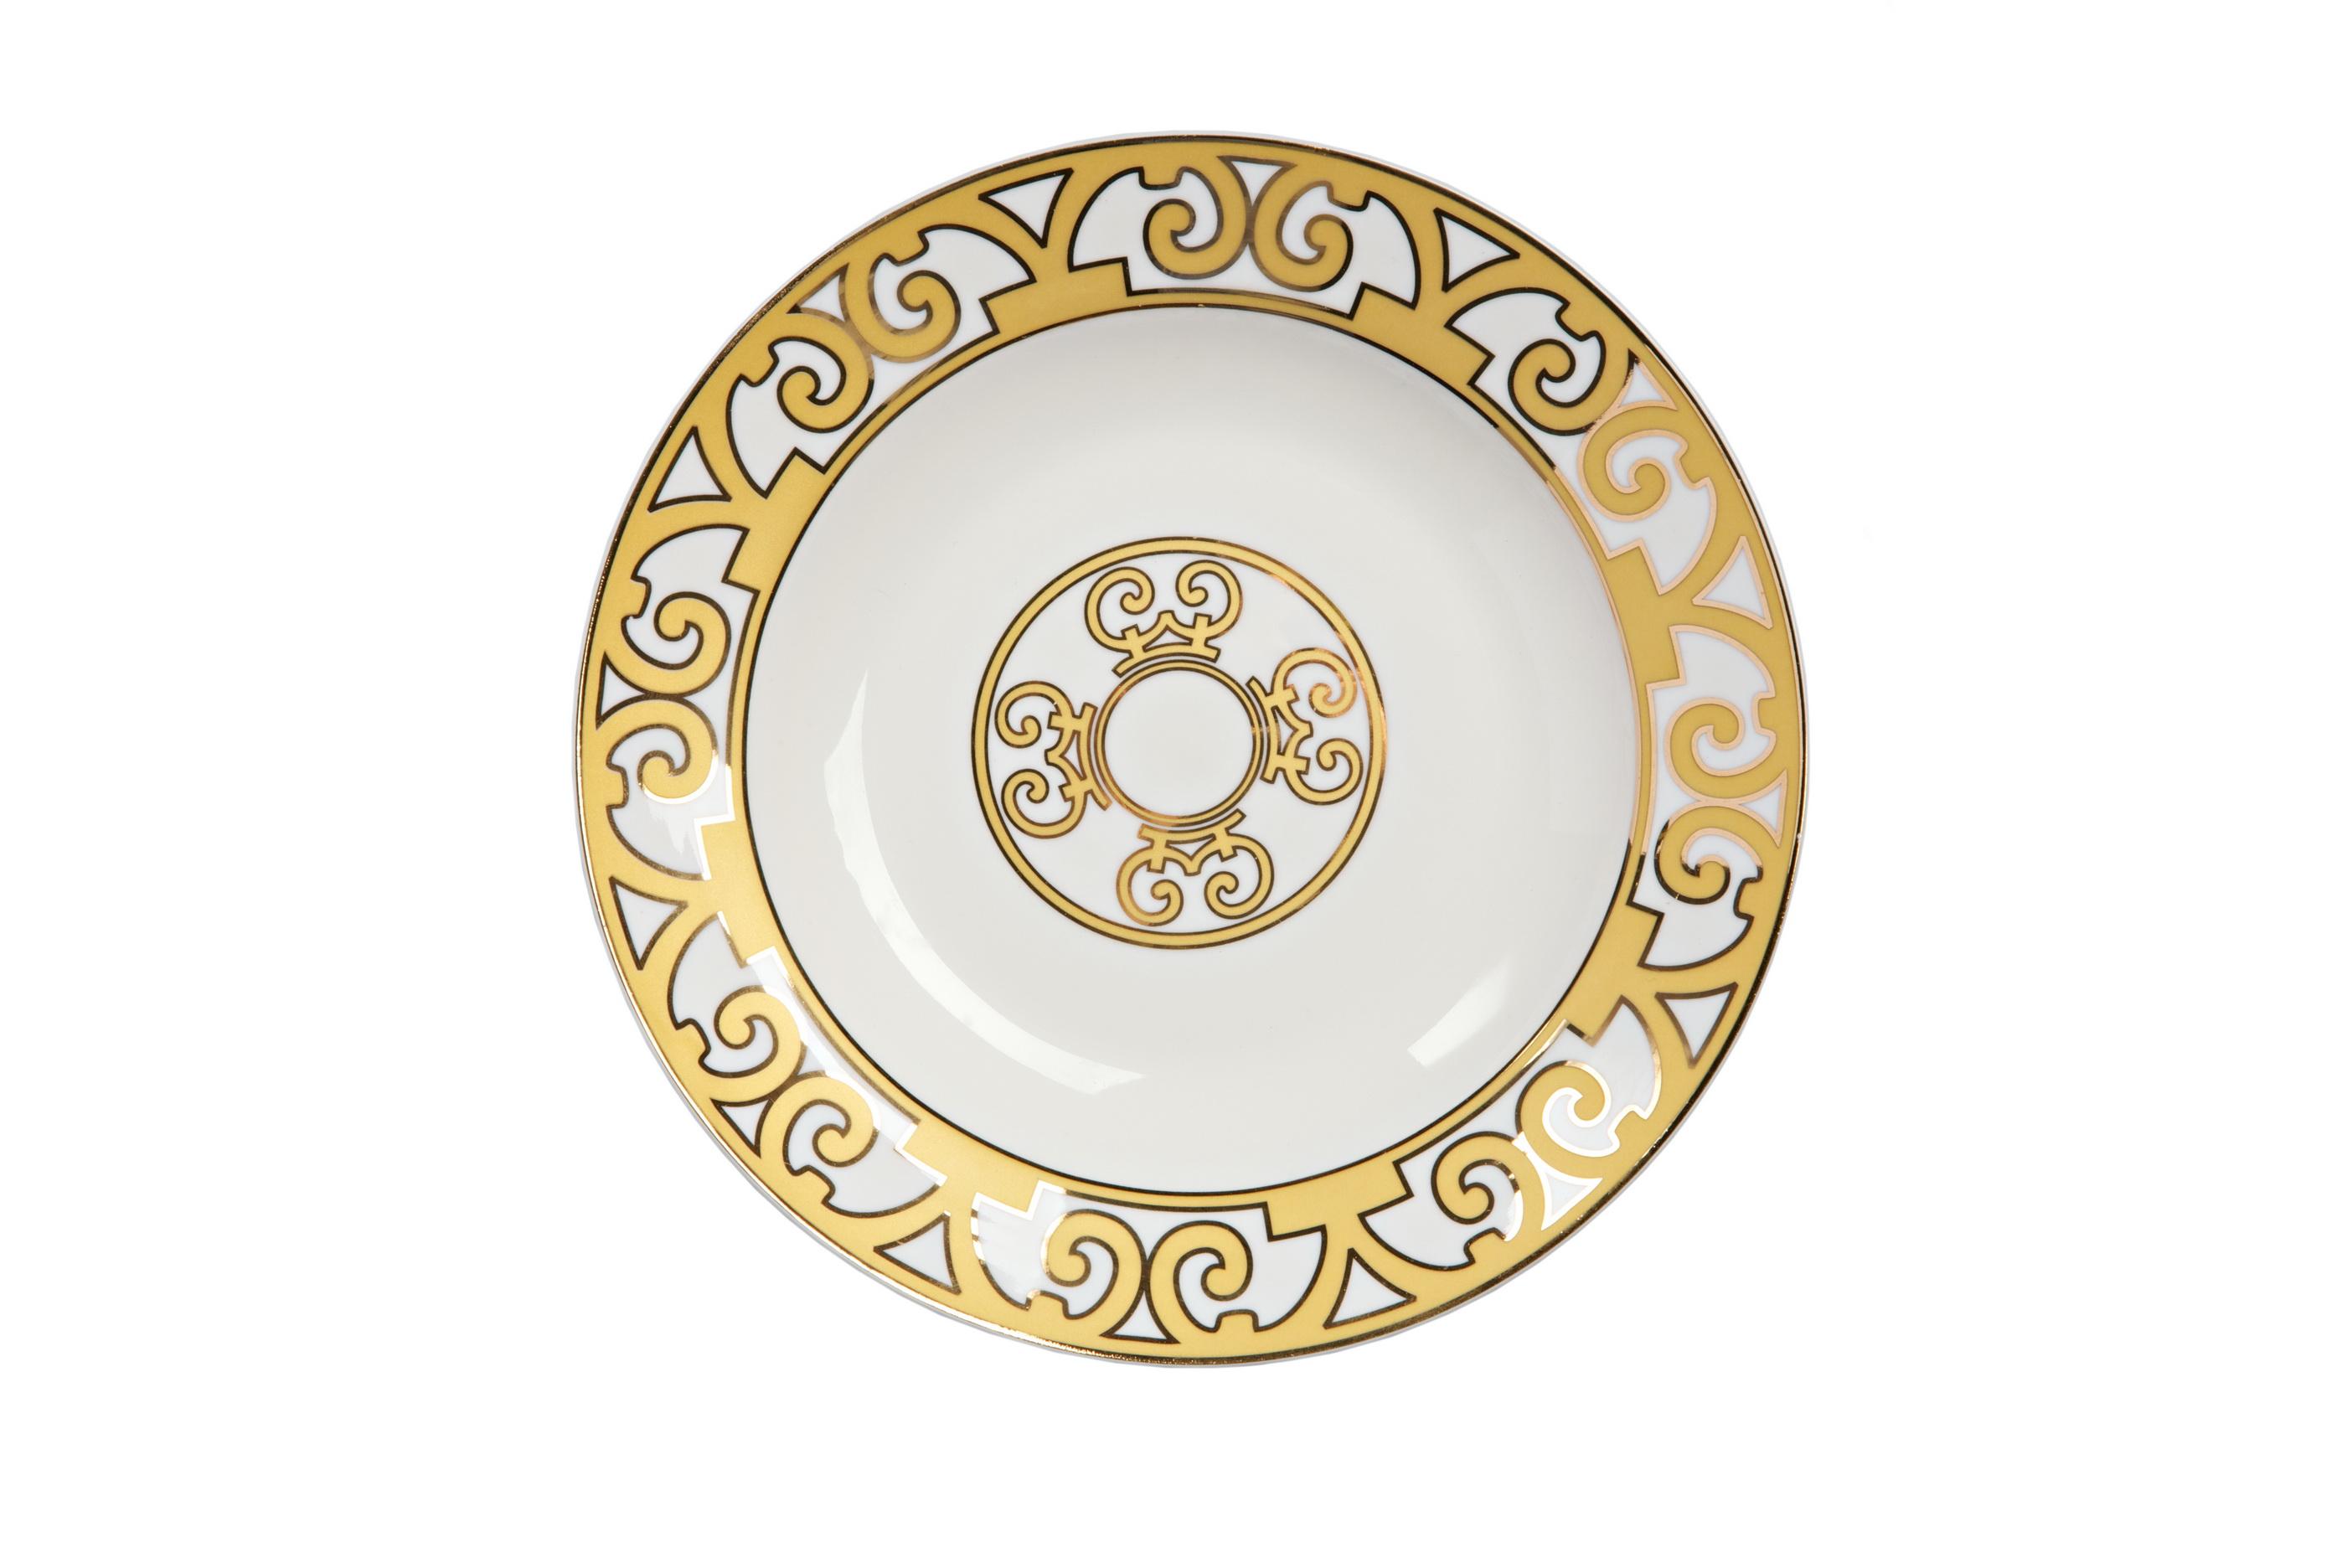 Тарелка для супа MarbellaДекоративные тарелки<br>Великолепная тарелка для супа из костяного фарфора серии «Marbella» придется по вкусу ценителям элегантной роскоши. Выполненная из полупрозрачного белоснежного фарфора, тарелка украшена золотым орнаментом в стиле модерн (moderne). Изысканная окантовка дополнена солярным символом в центре изделия. Вы можете приобрести эту тарелку отдельно или в комплекте с другими предметами серии «Marbella».<br><br>Material: Фарфор<br>Depth см: 1.5<br>Height см: None<br>Diameter см: 21